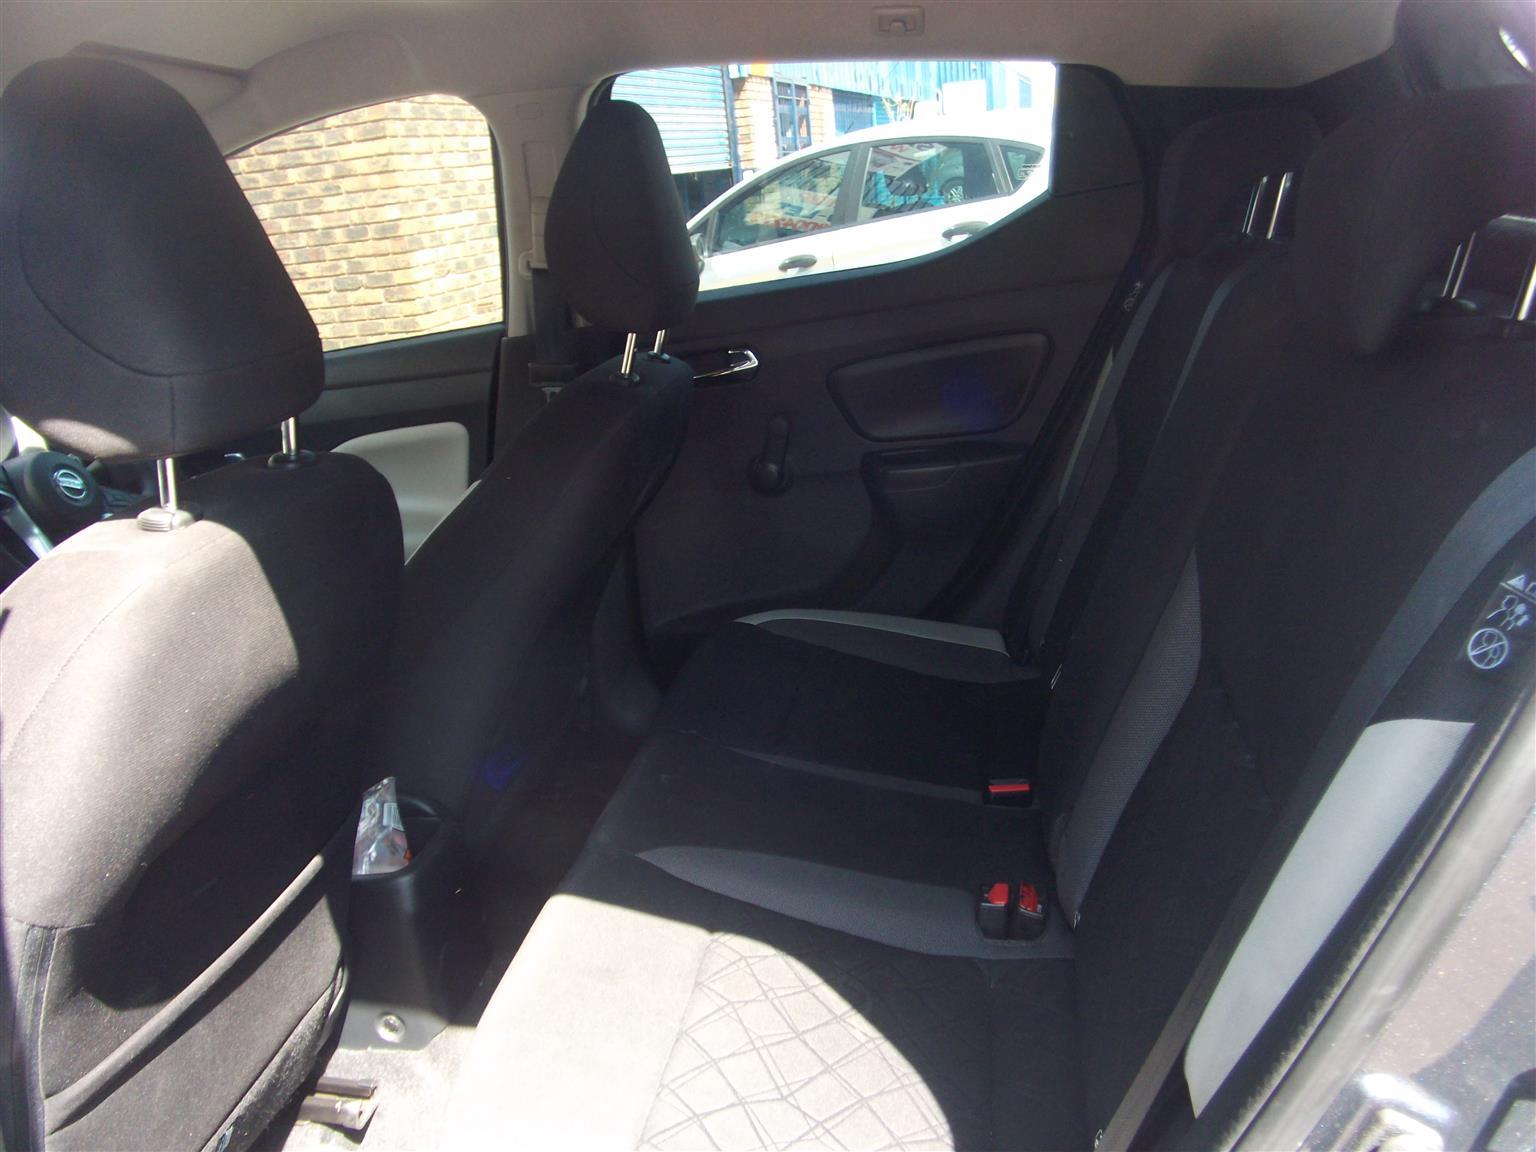 2019 Nissan Micra 1.4 5 door Acenta